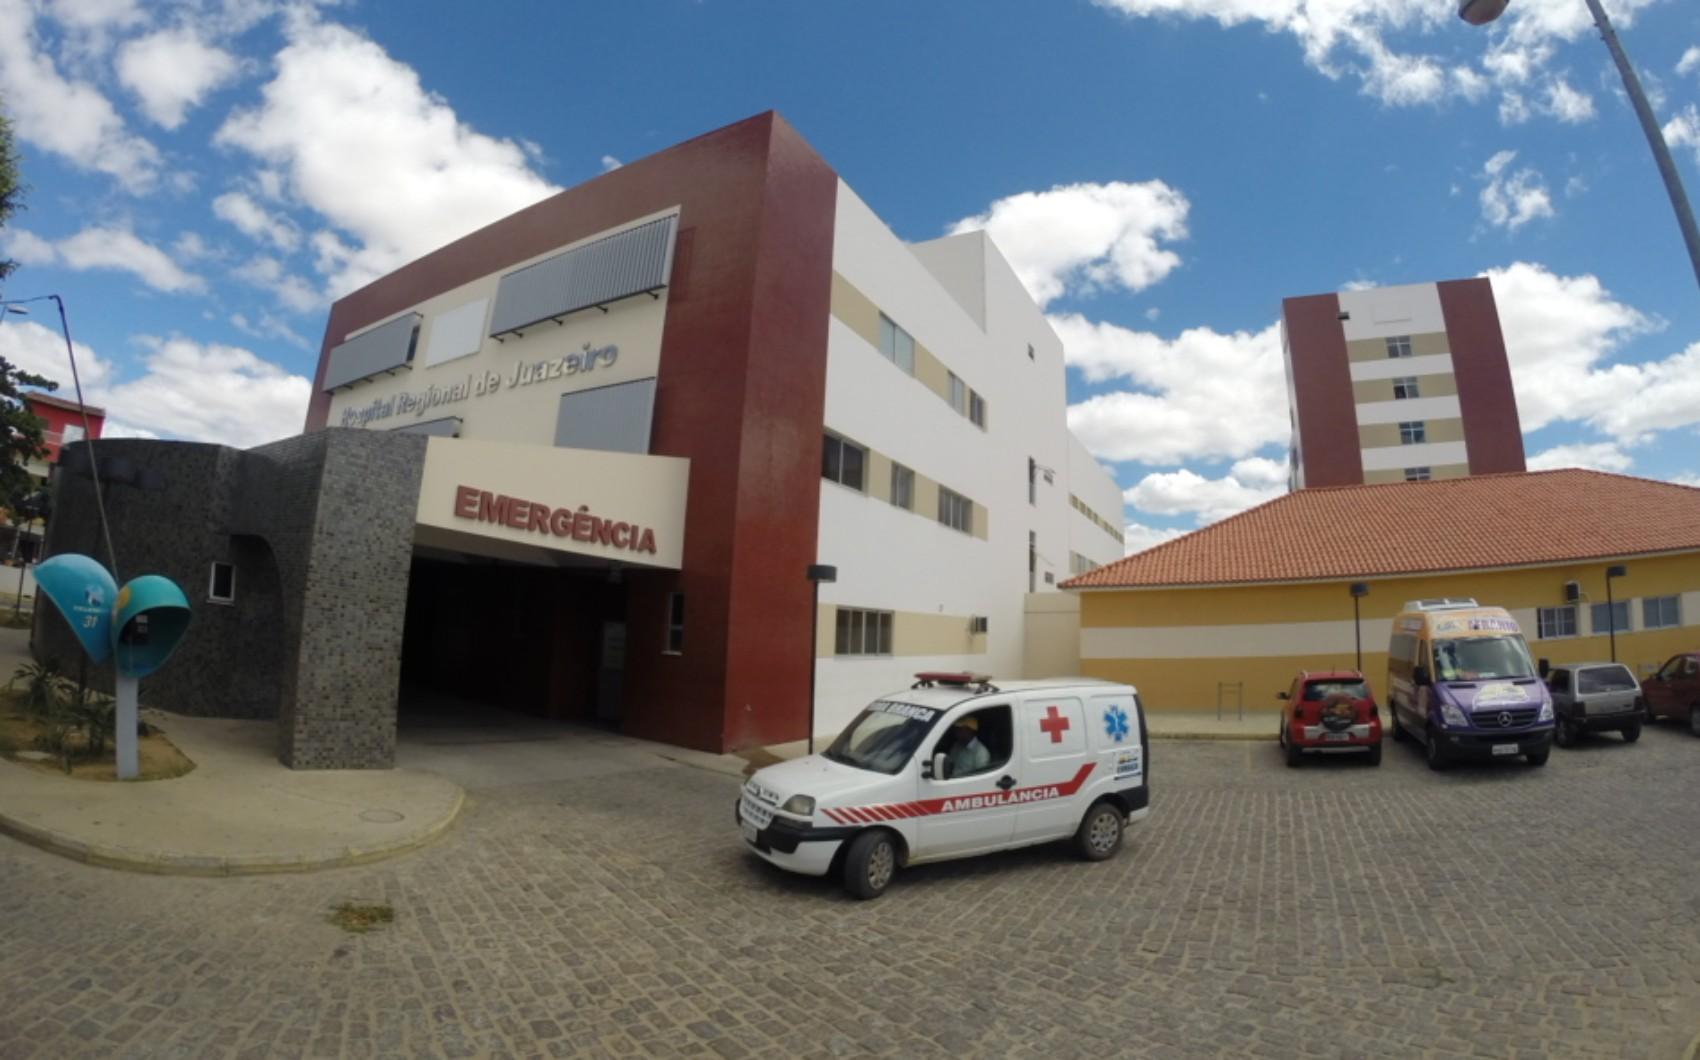 Covid-19: Hospital de Juazeiro, no norte da Bahia, atinge 100% de ocupação dos leitos de UTI